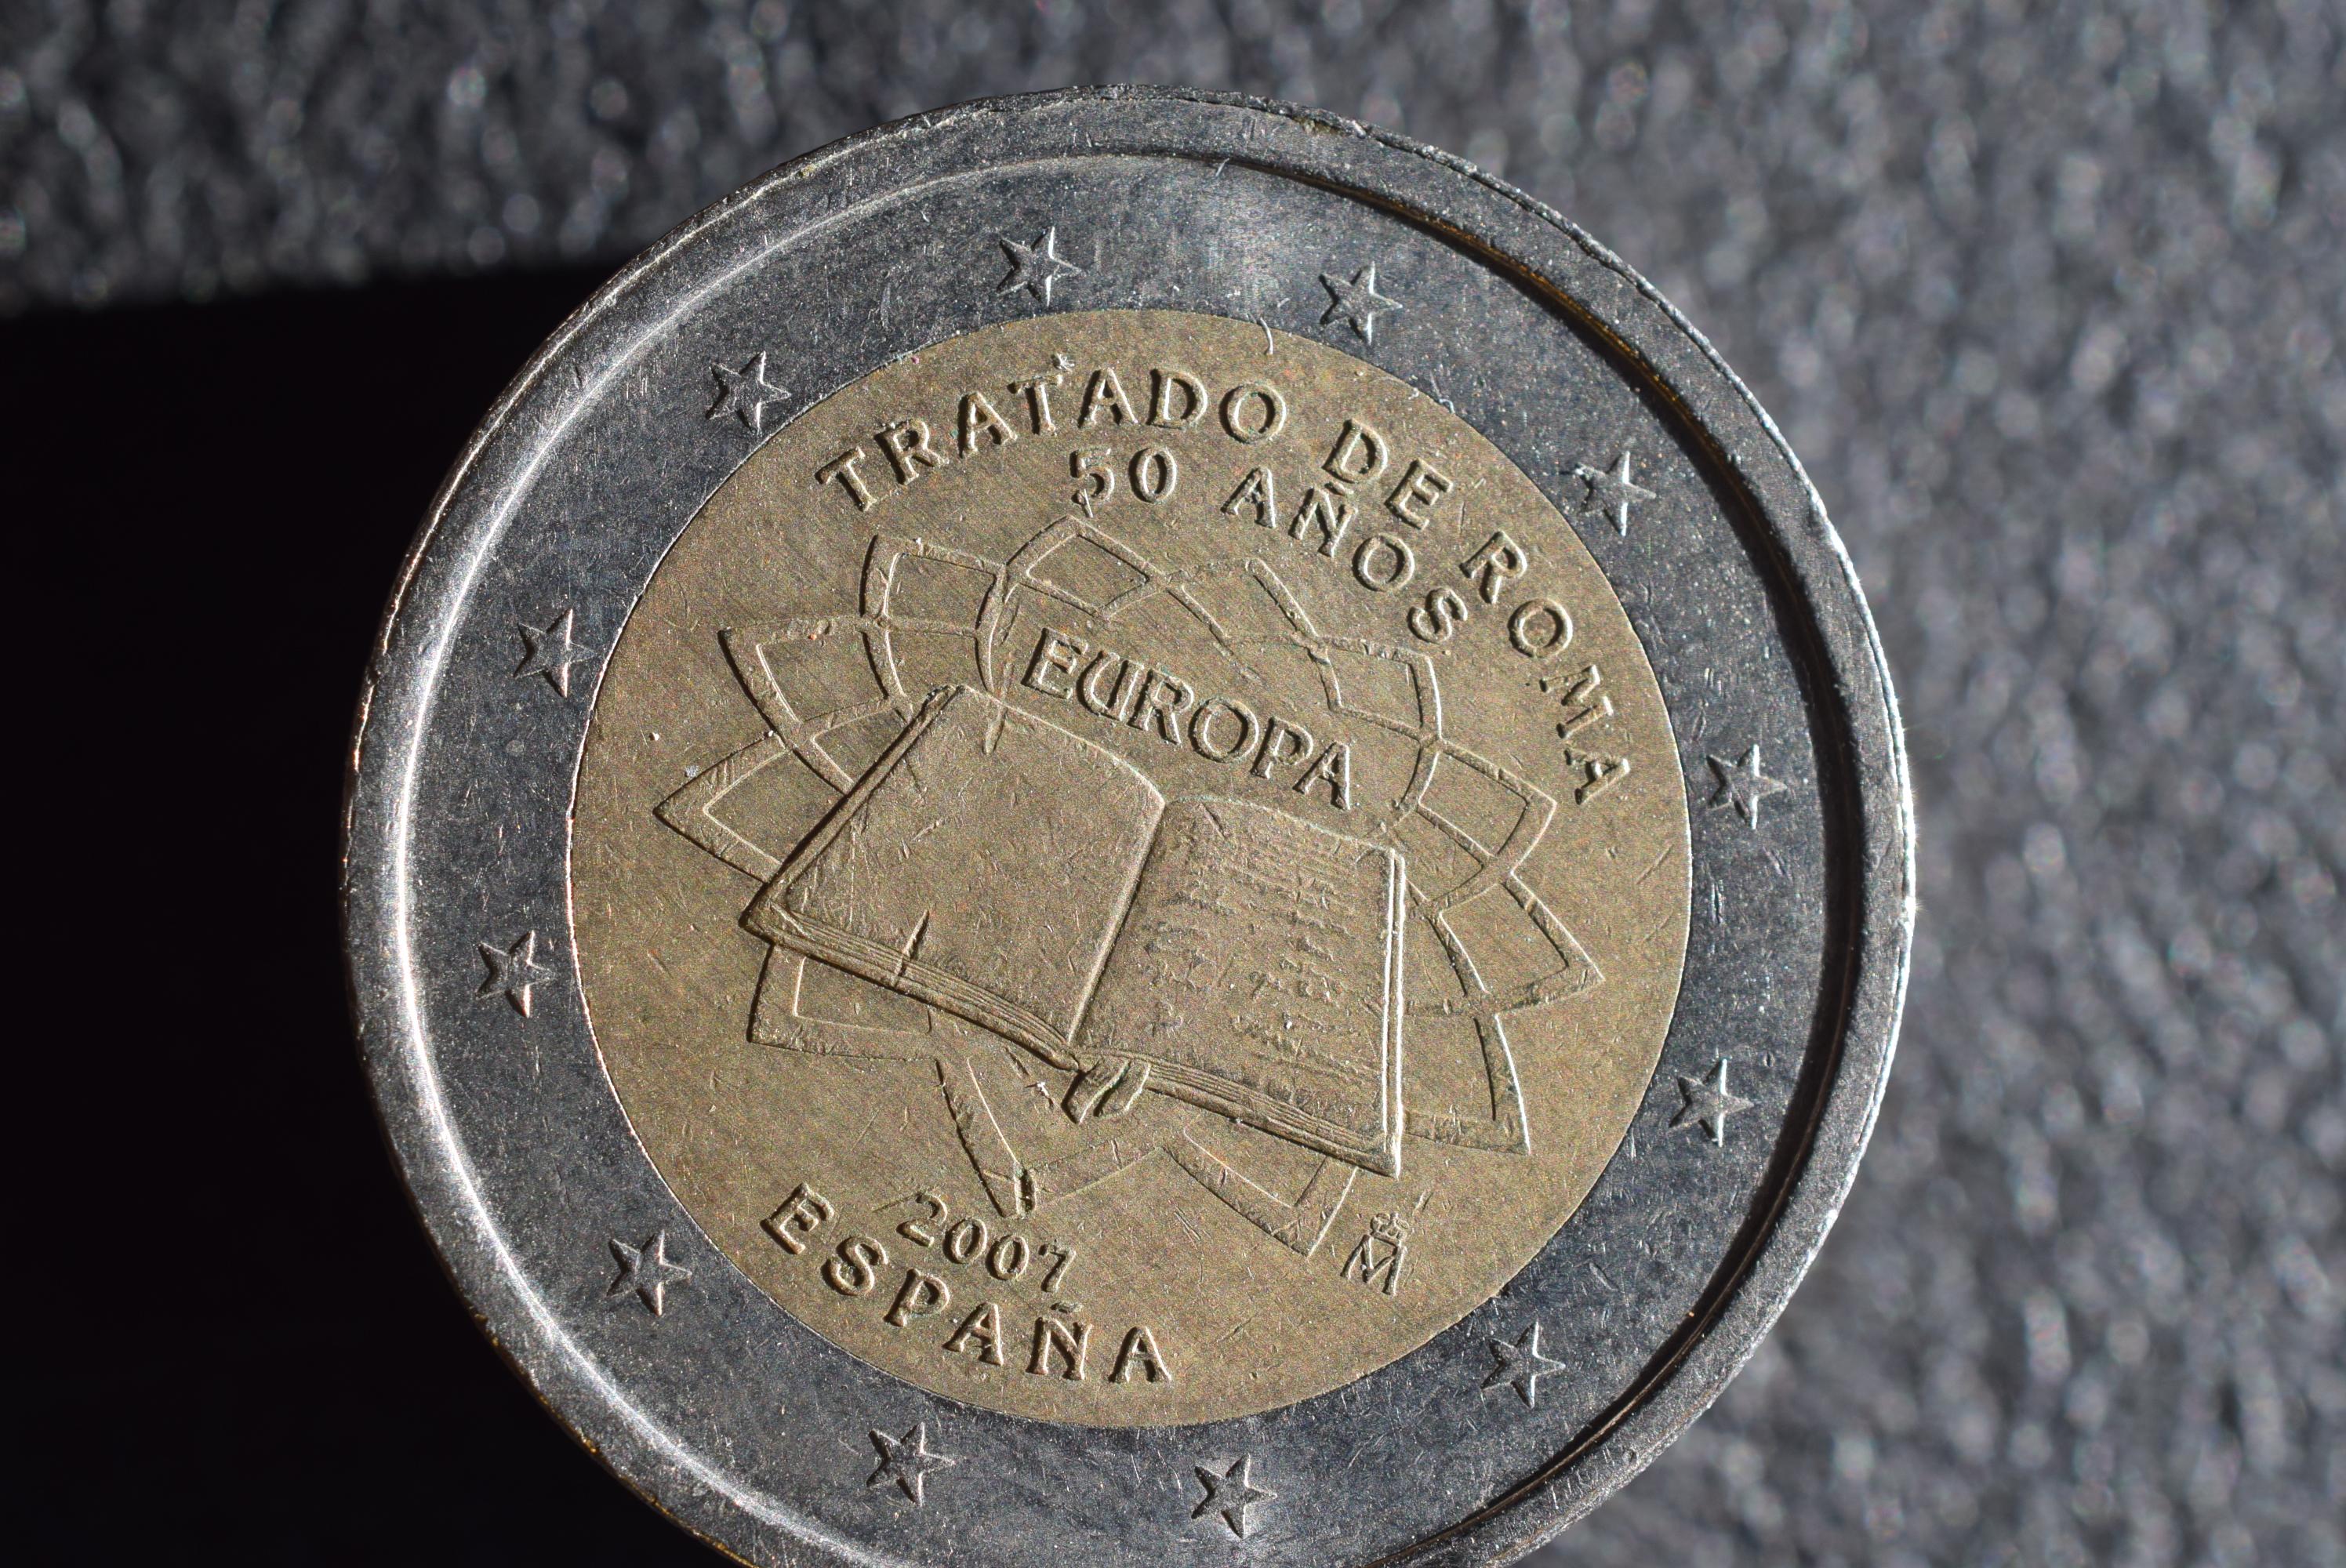 About Euro error coins – Numista